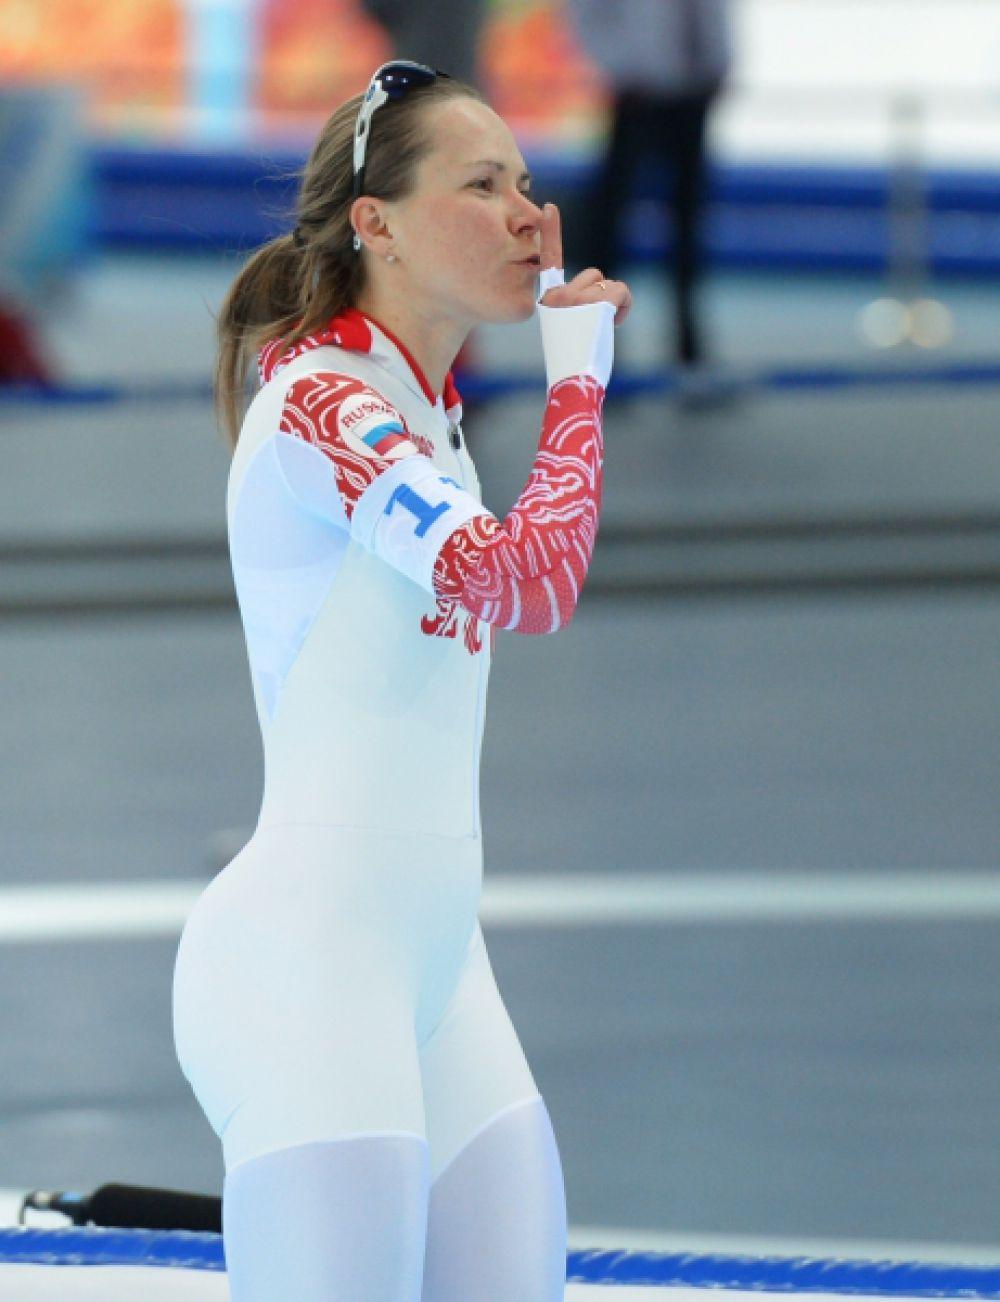 Ольга Граф — российская конькобежка. Двукратный бронзовый призёр зимних Олимпийских игр 2014 года на дистанции 3000 м и в командной гонке.